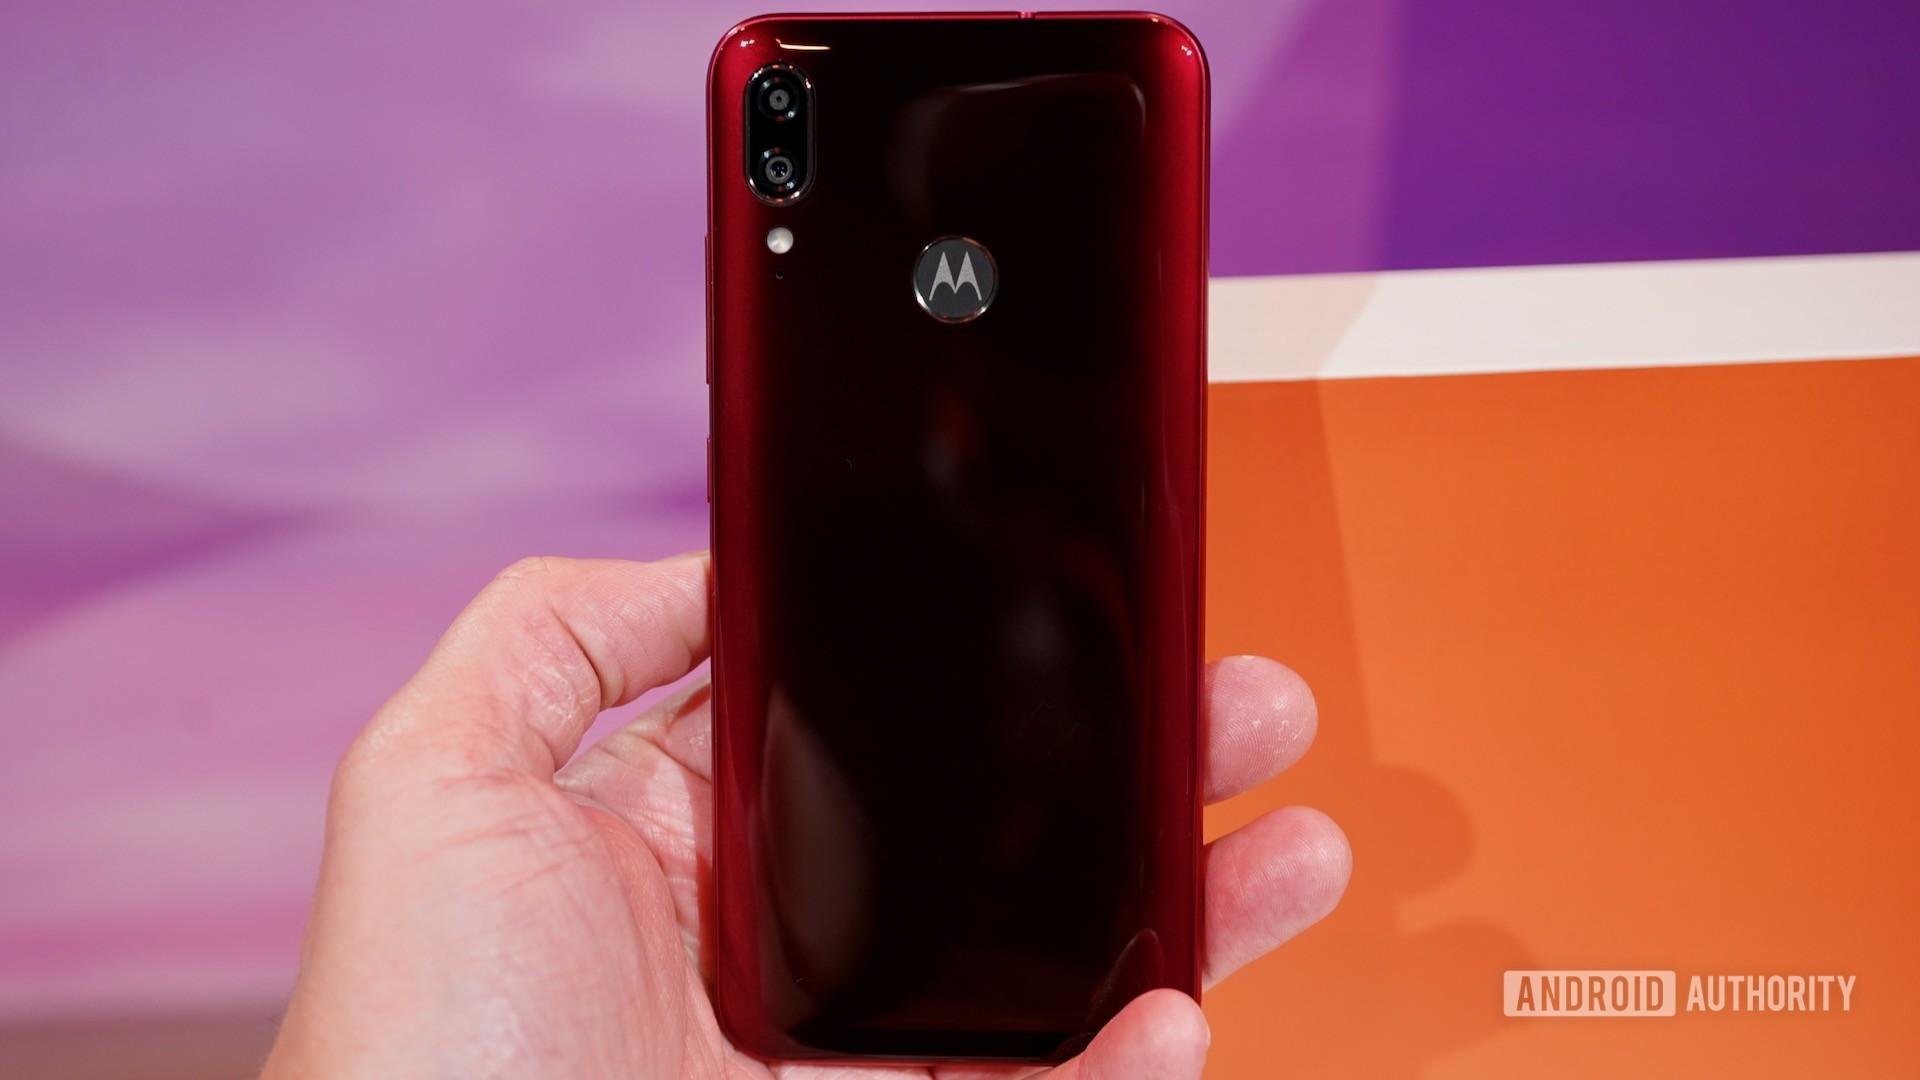 Motorola Moto E6 Plus rear view